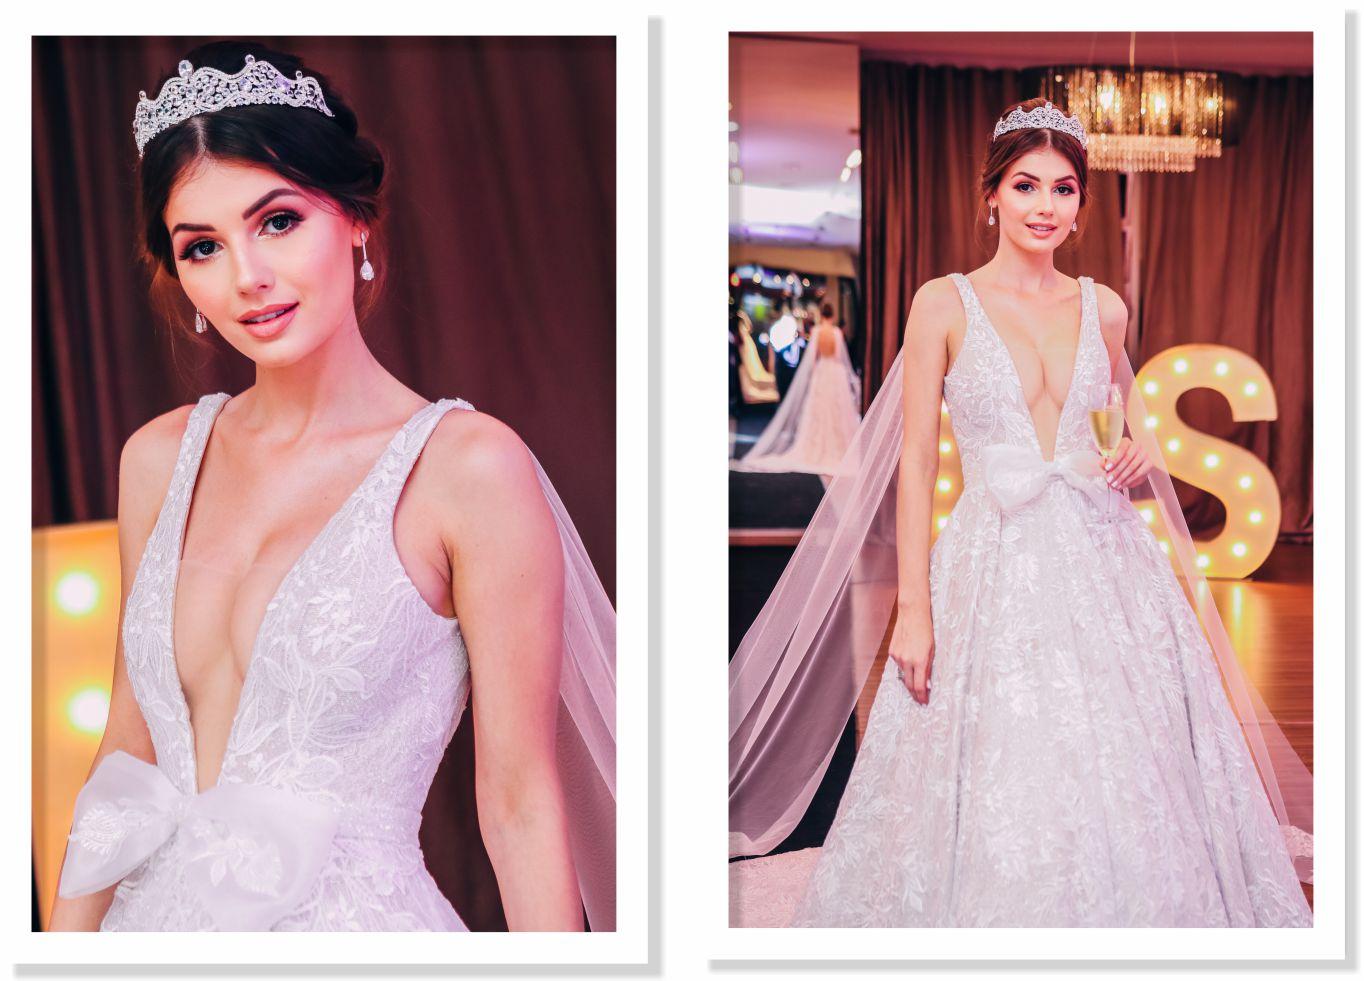 vestido de noiva casamento renda tule bordado capa laço véu sob medida lucinha silveira criação